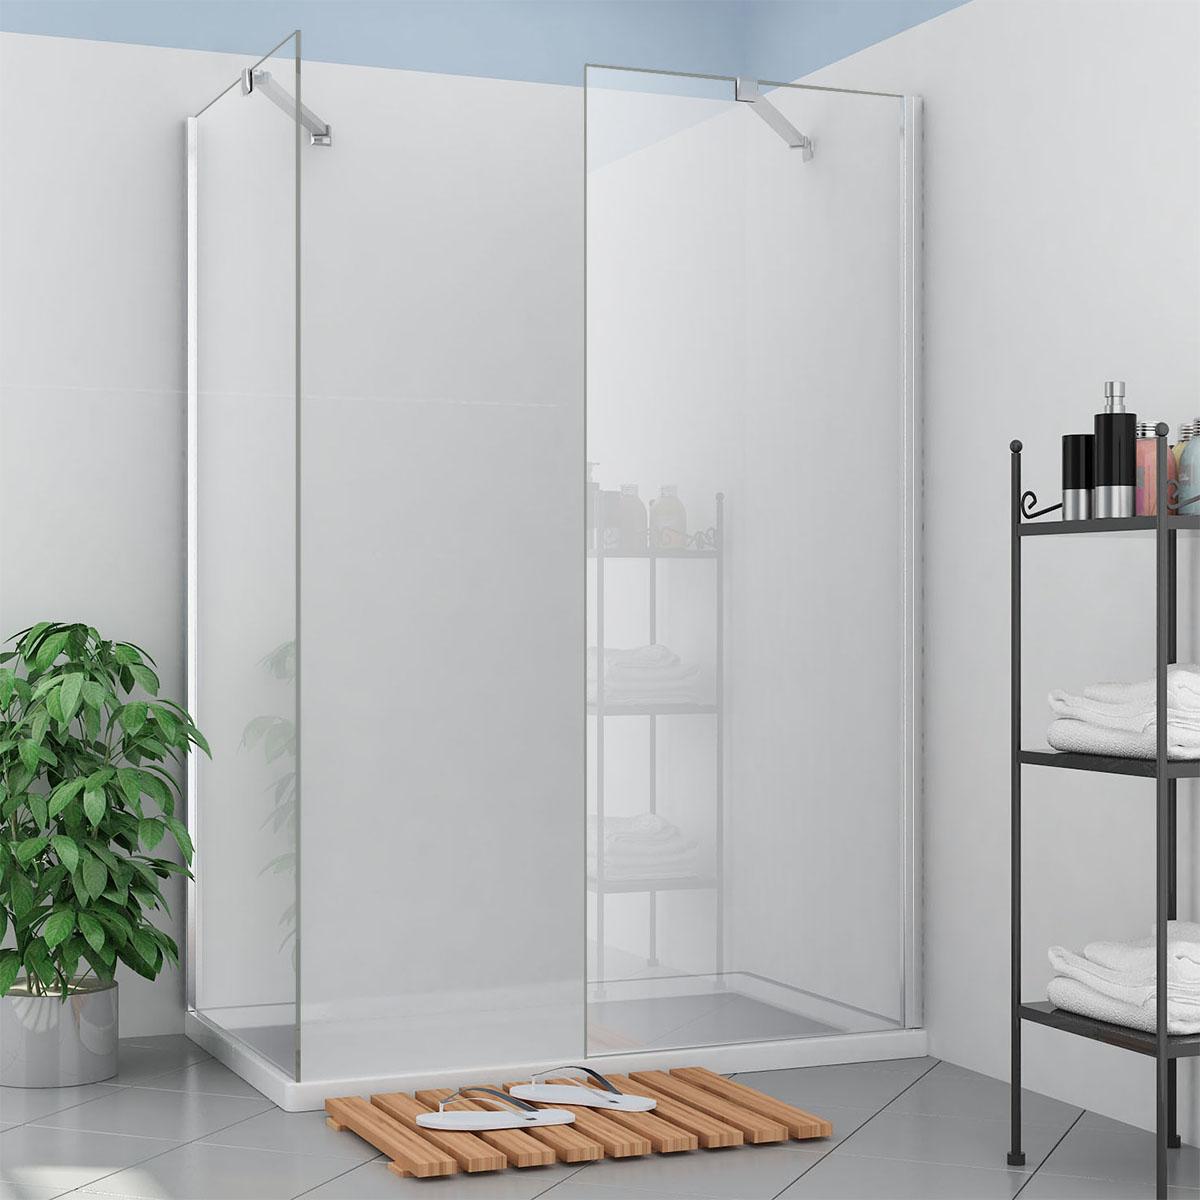 walk in dusche 120 120cm sicherheitsglas 8mm nano. Black Bedroom Furniture Sets. Home Design Ideas